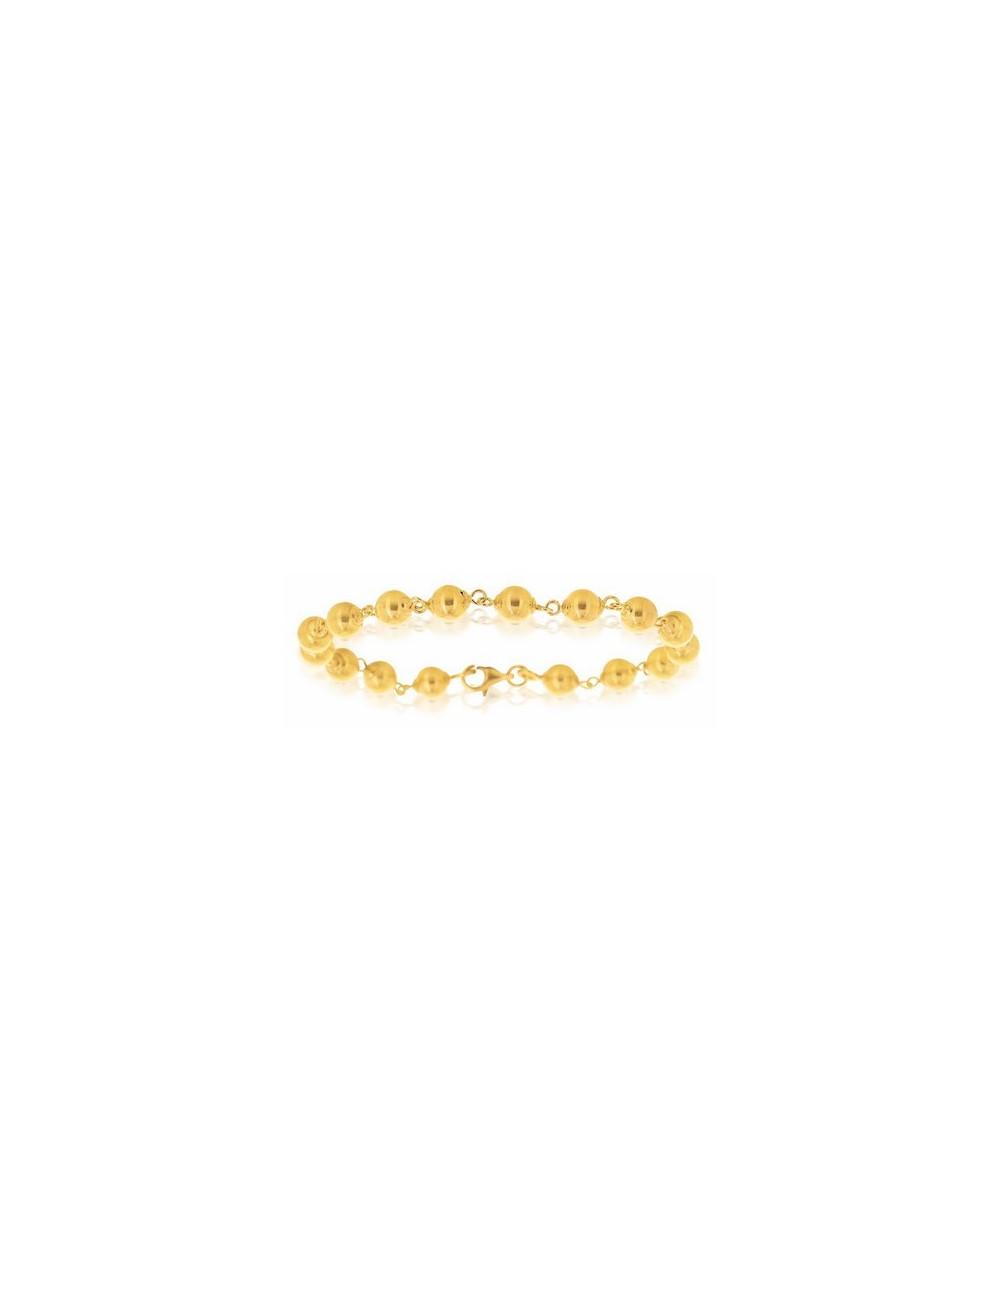 bijoux bracelet femme pas cher 18 carats